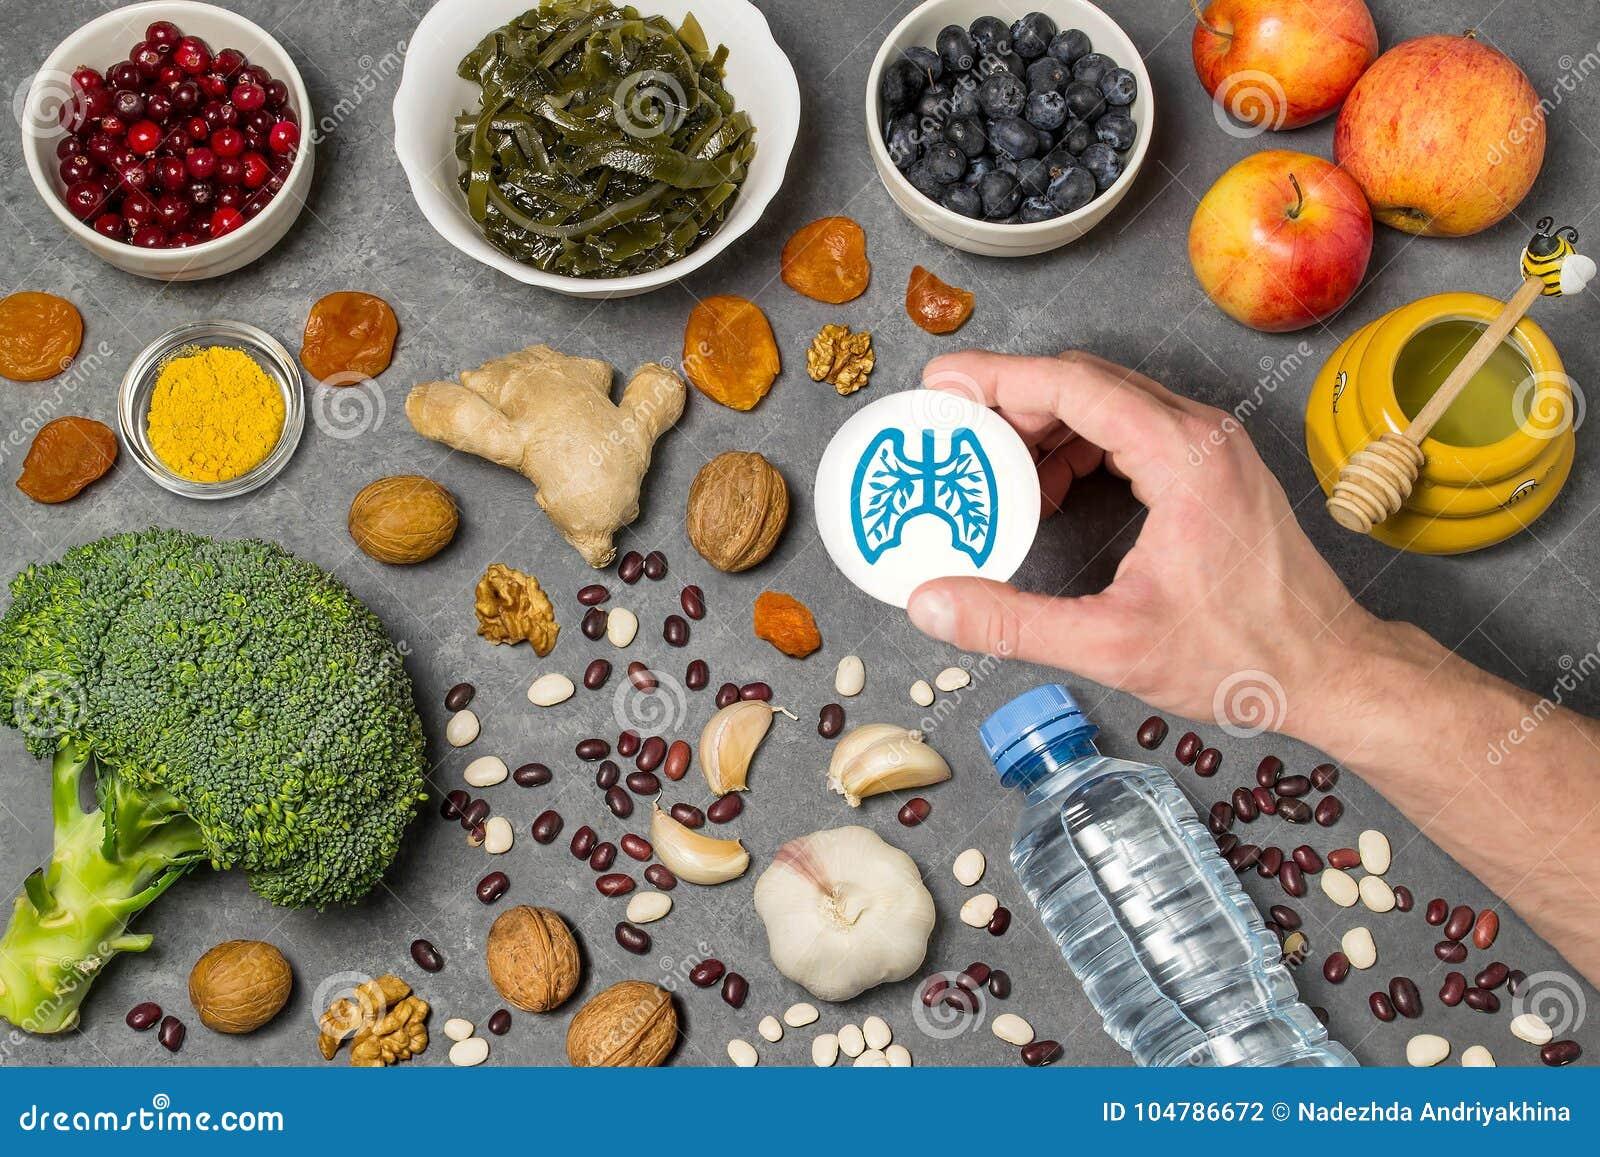 Productos alimenticios útiles para los pulmones